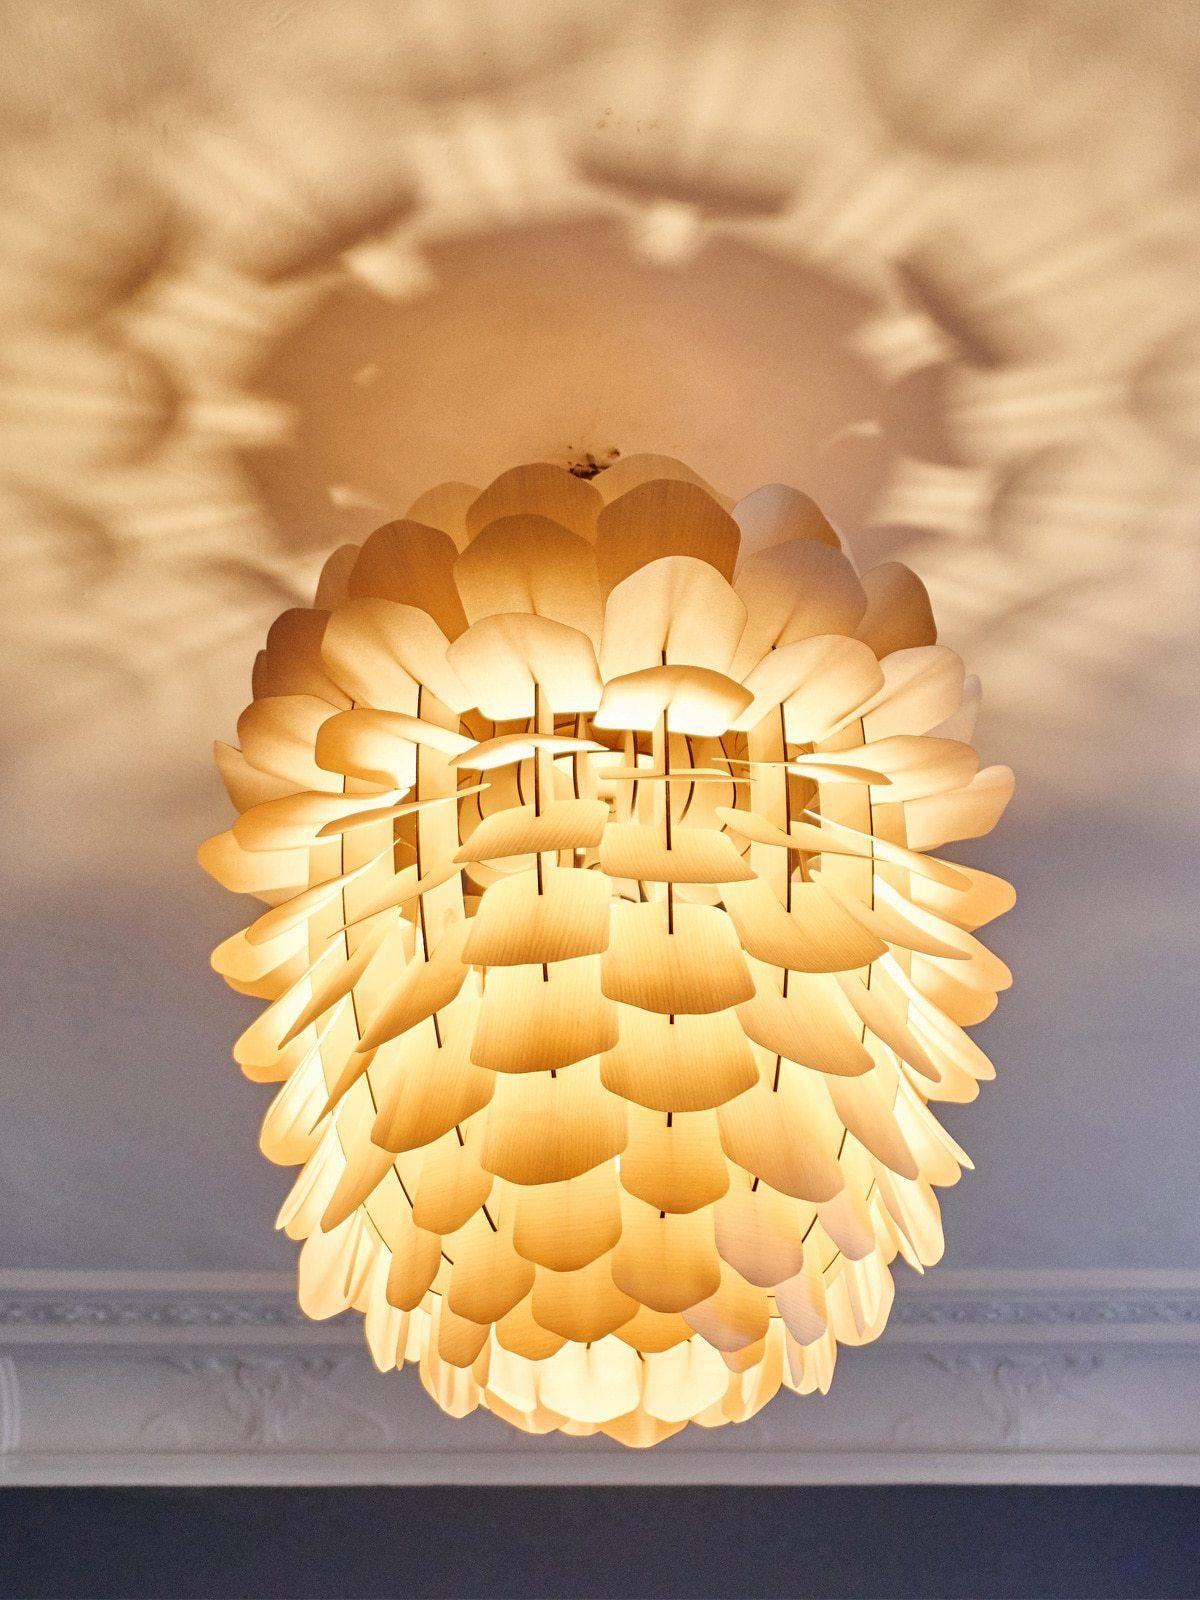 Schneid Pendelleuchte Zappy Bei Designort Onlineshop Berlin Anhanger Lampen Pendelleuchte Lampe